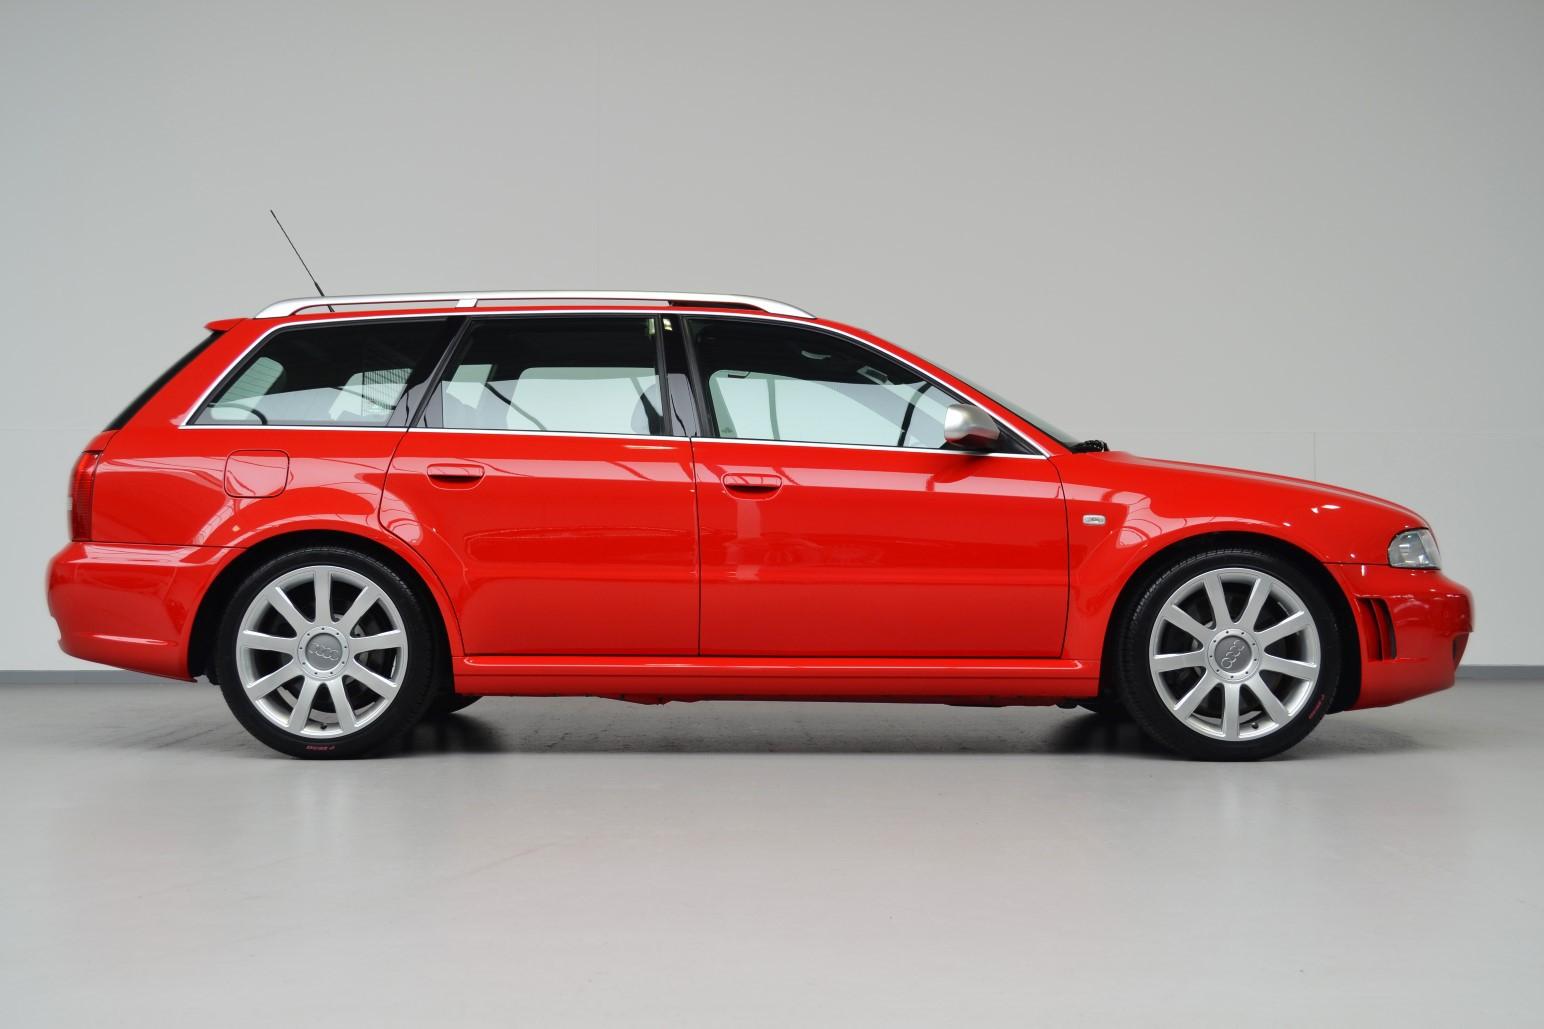 Audi-RS4-B5-Avant-autonovosti.me-18